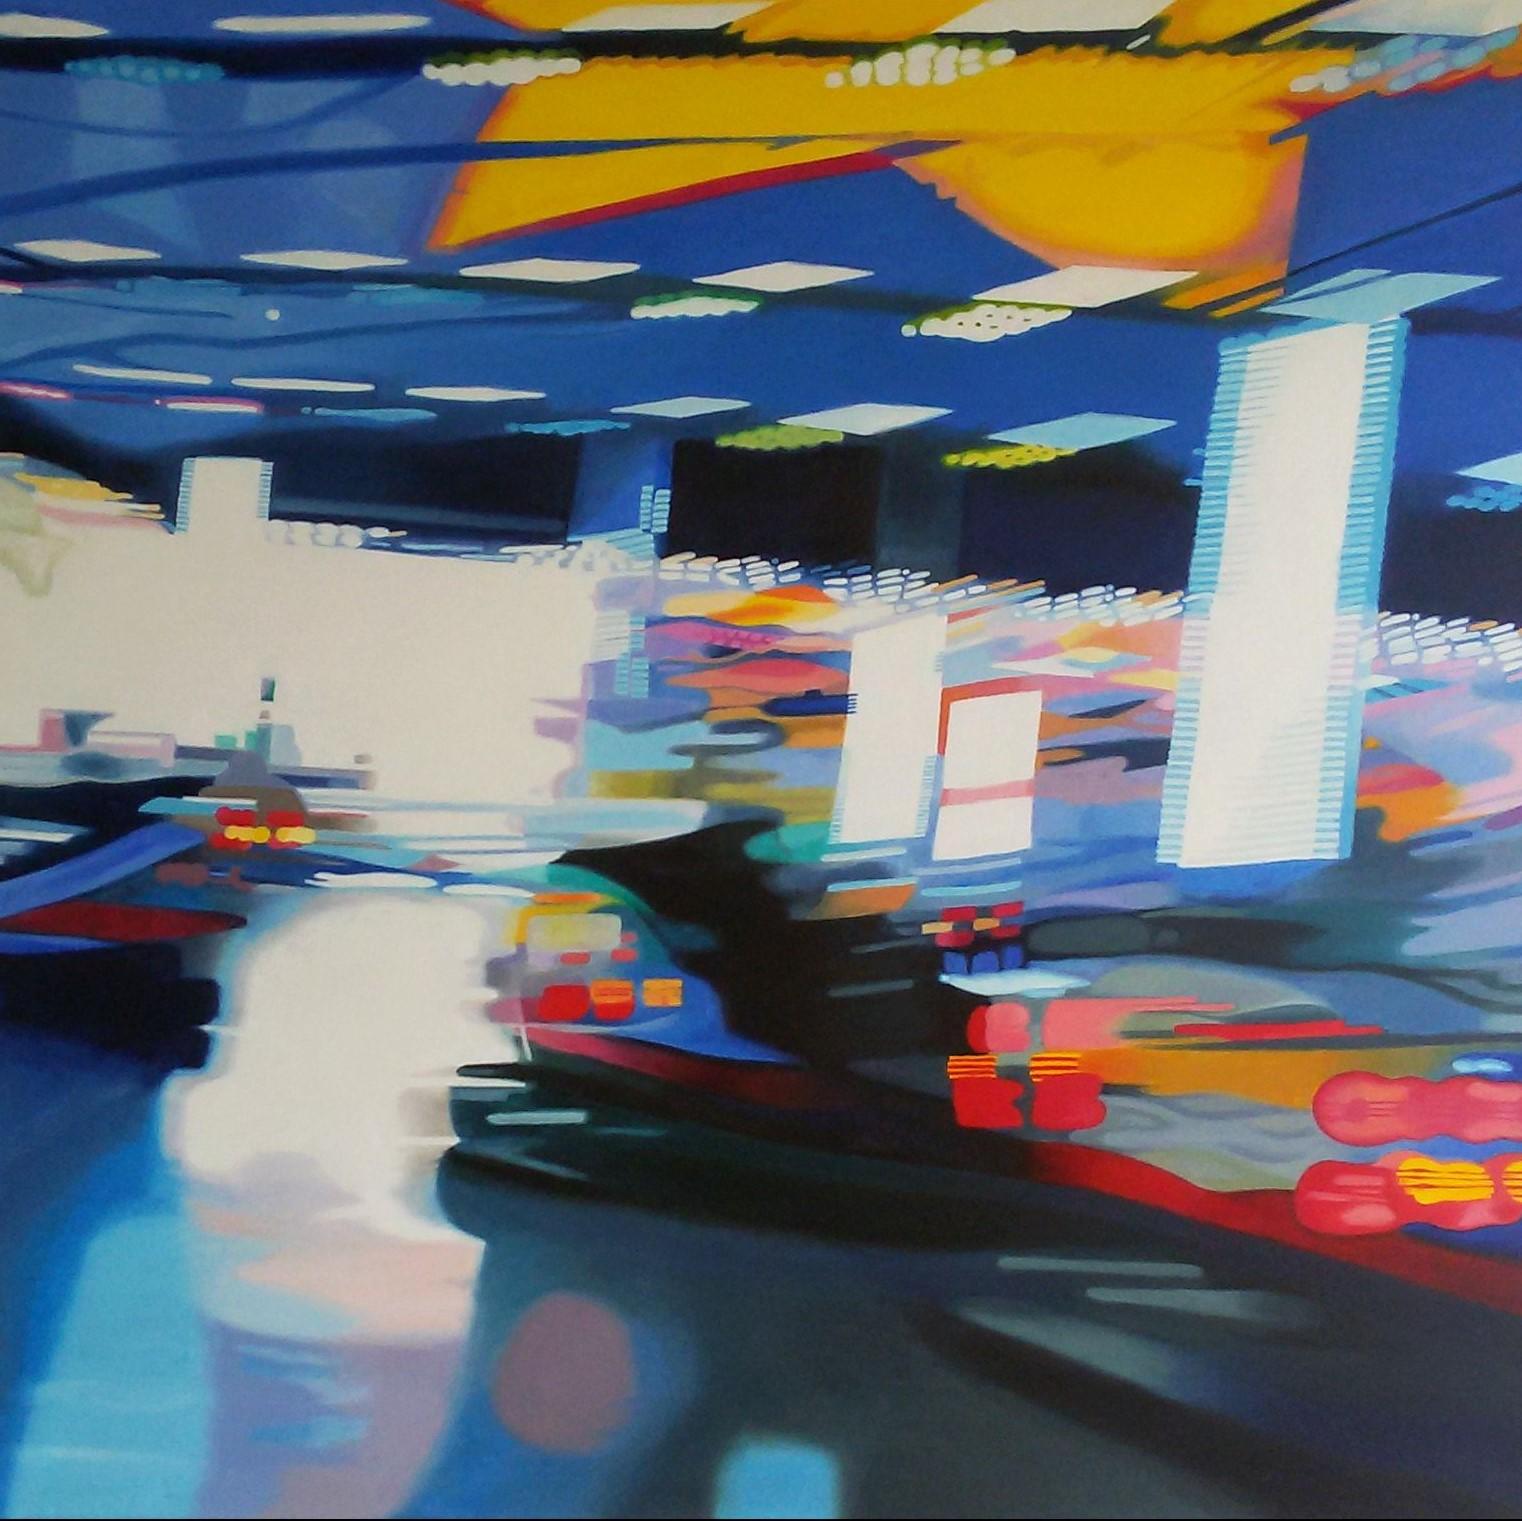 Autoscooter, Oil on Canvas, 100 cm x 100 cm